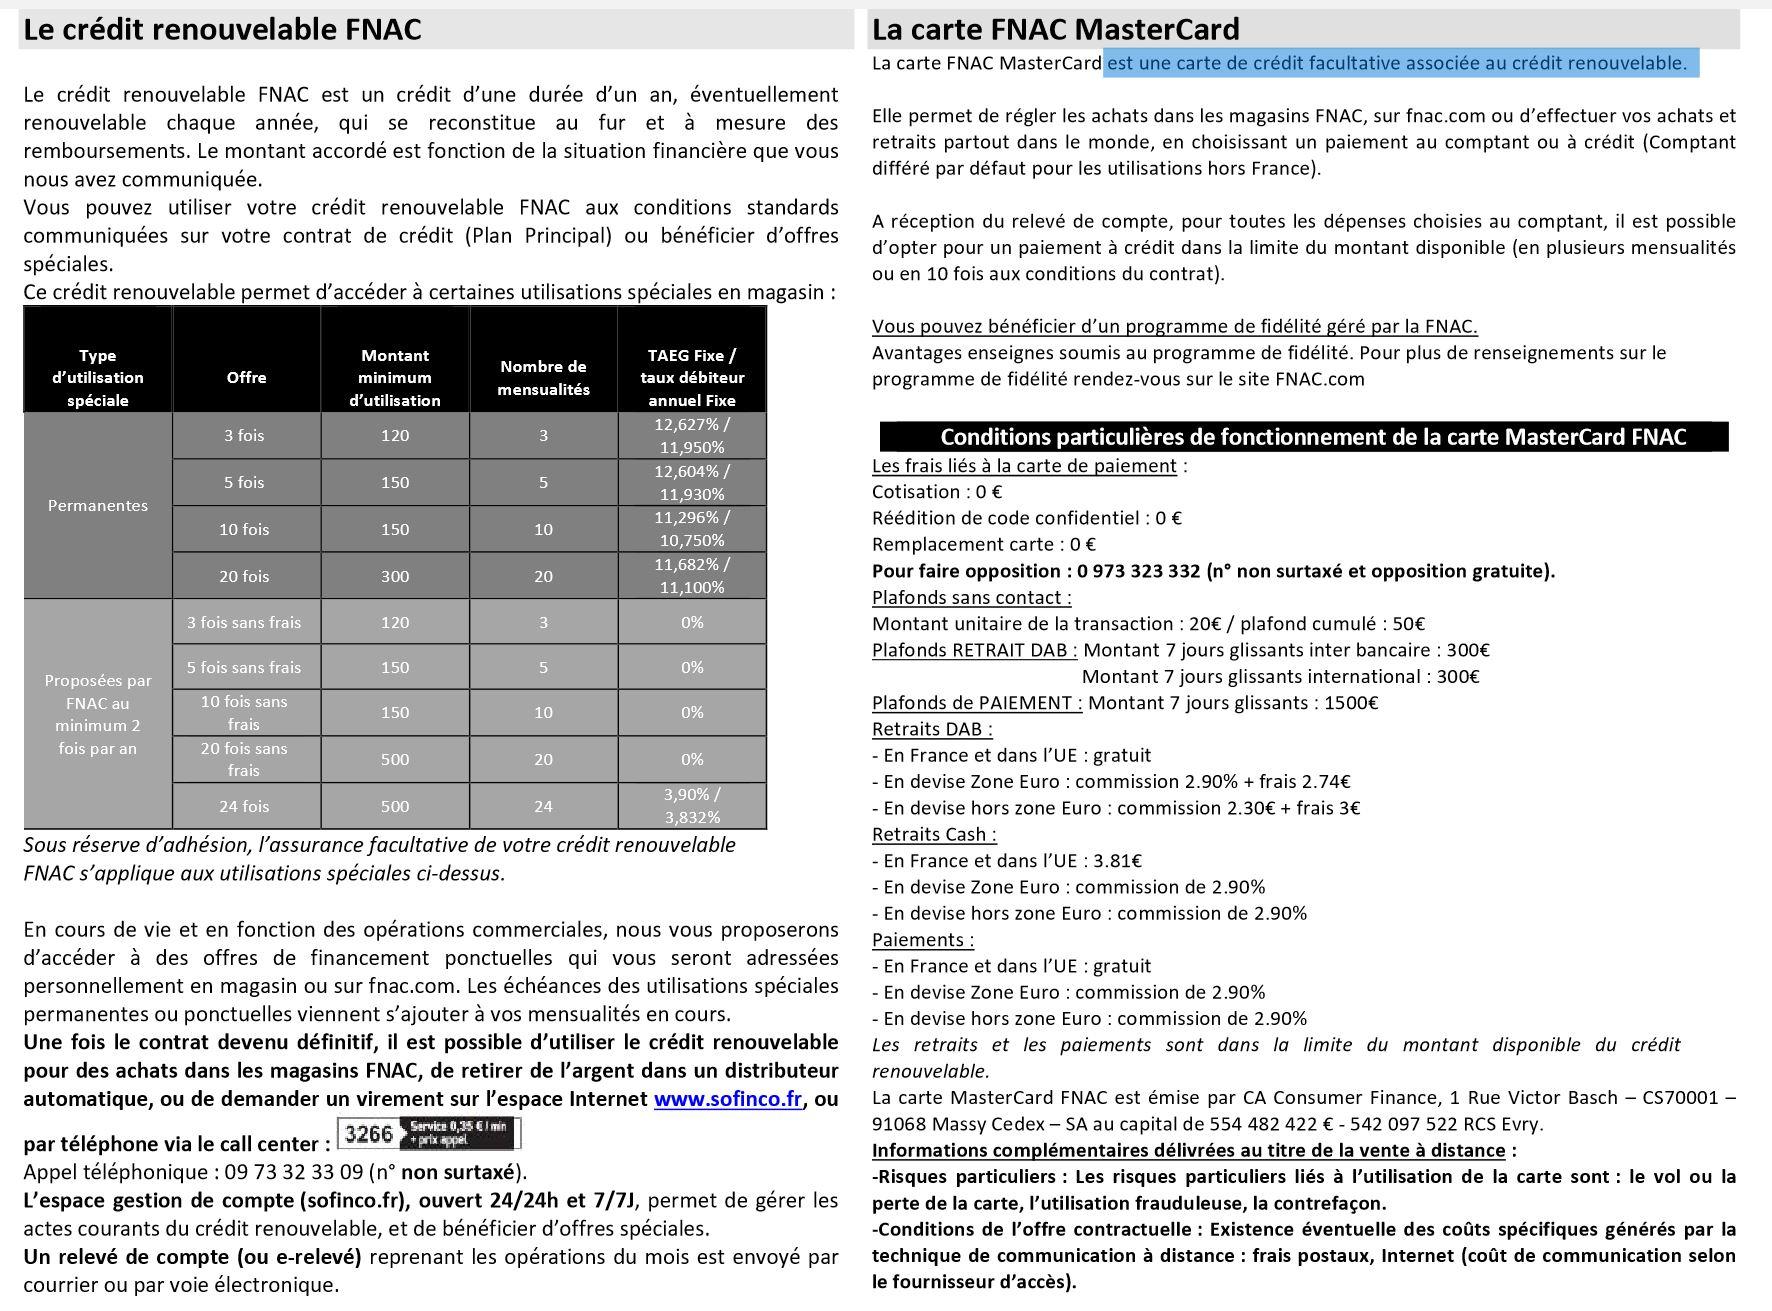 conditions carte mastercard fnac   Crédit et banque